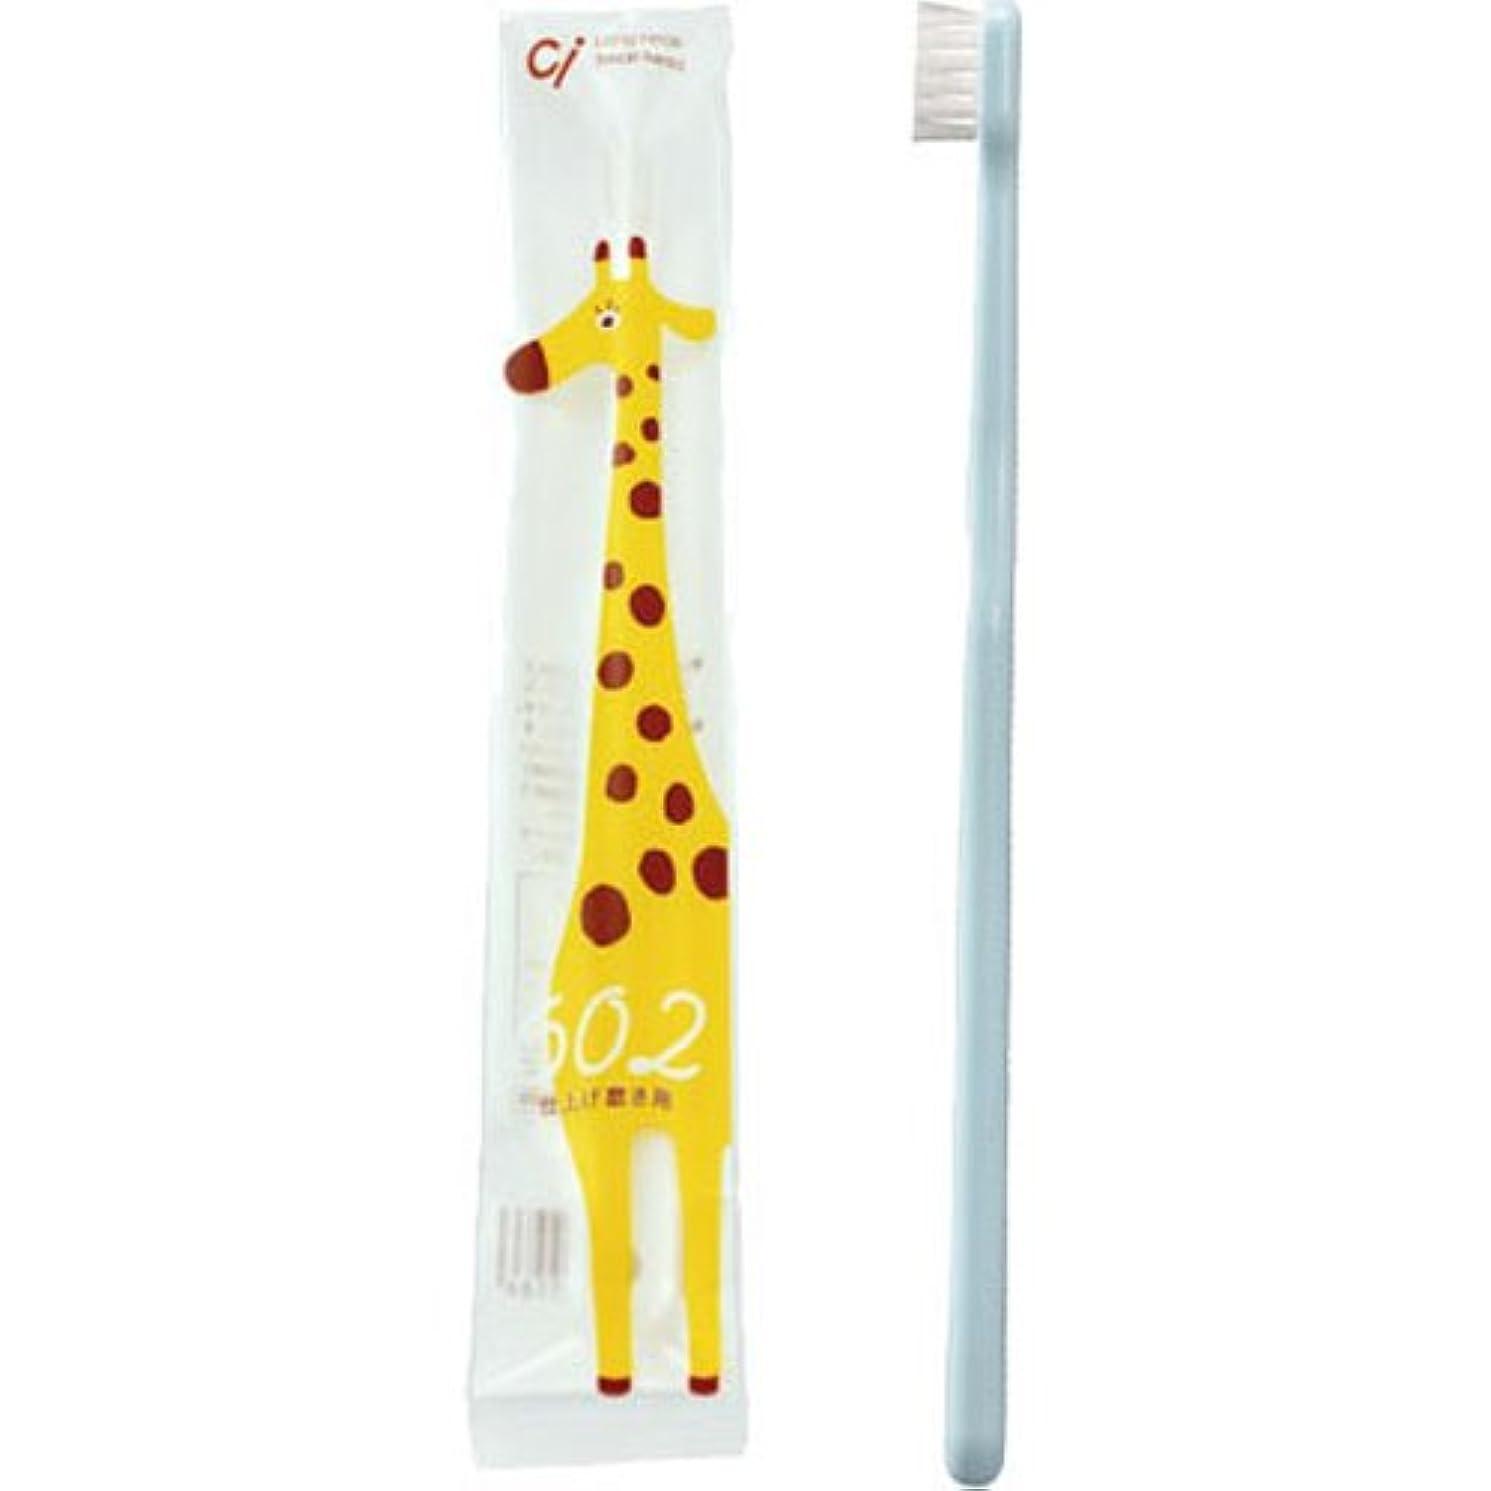 中古日常的にスイス人Ci(シーアイ) 歯ブラシ 仕上げ磨き用 #602 1本入